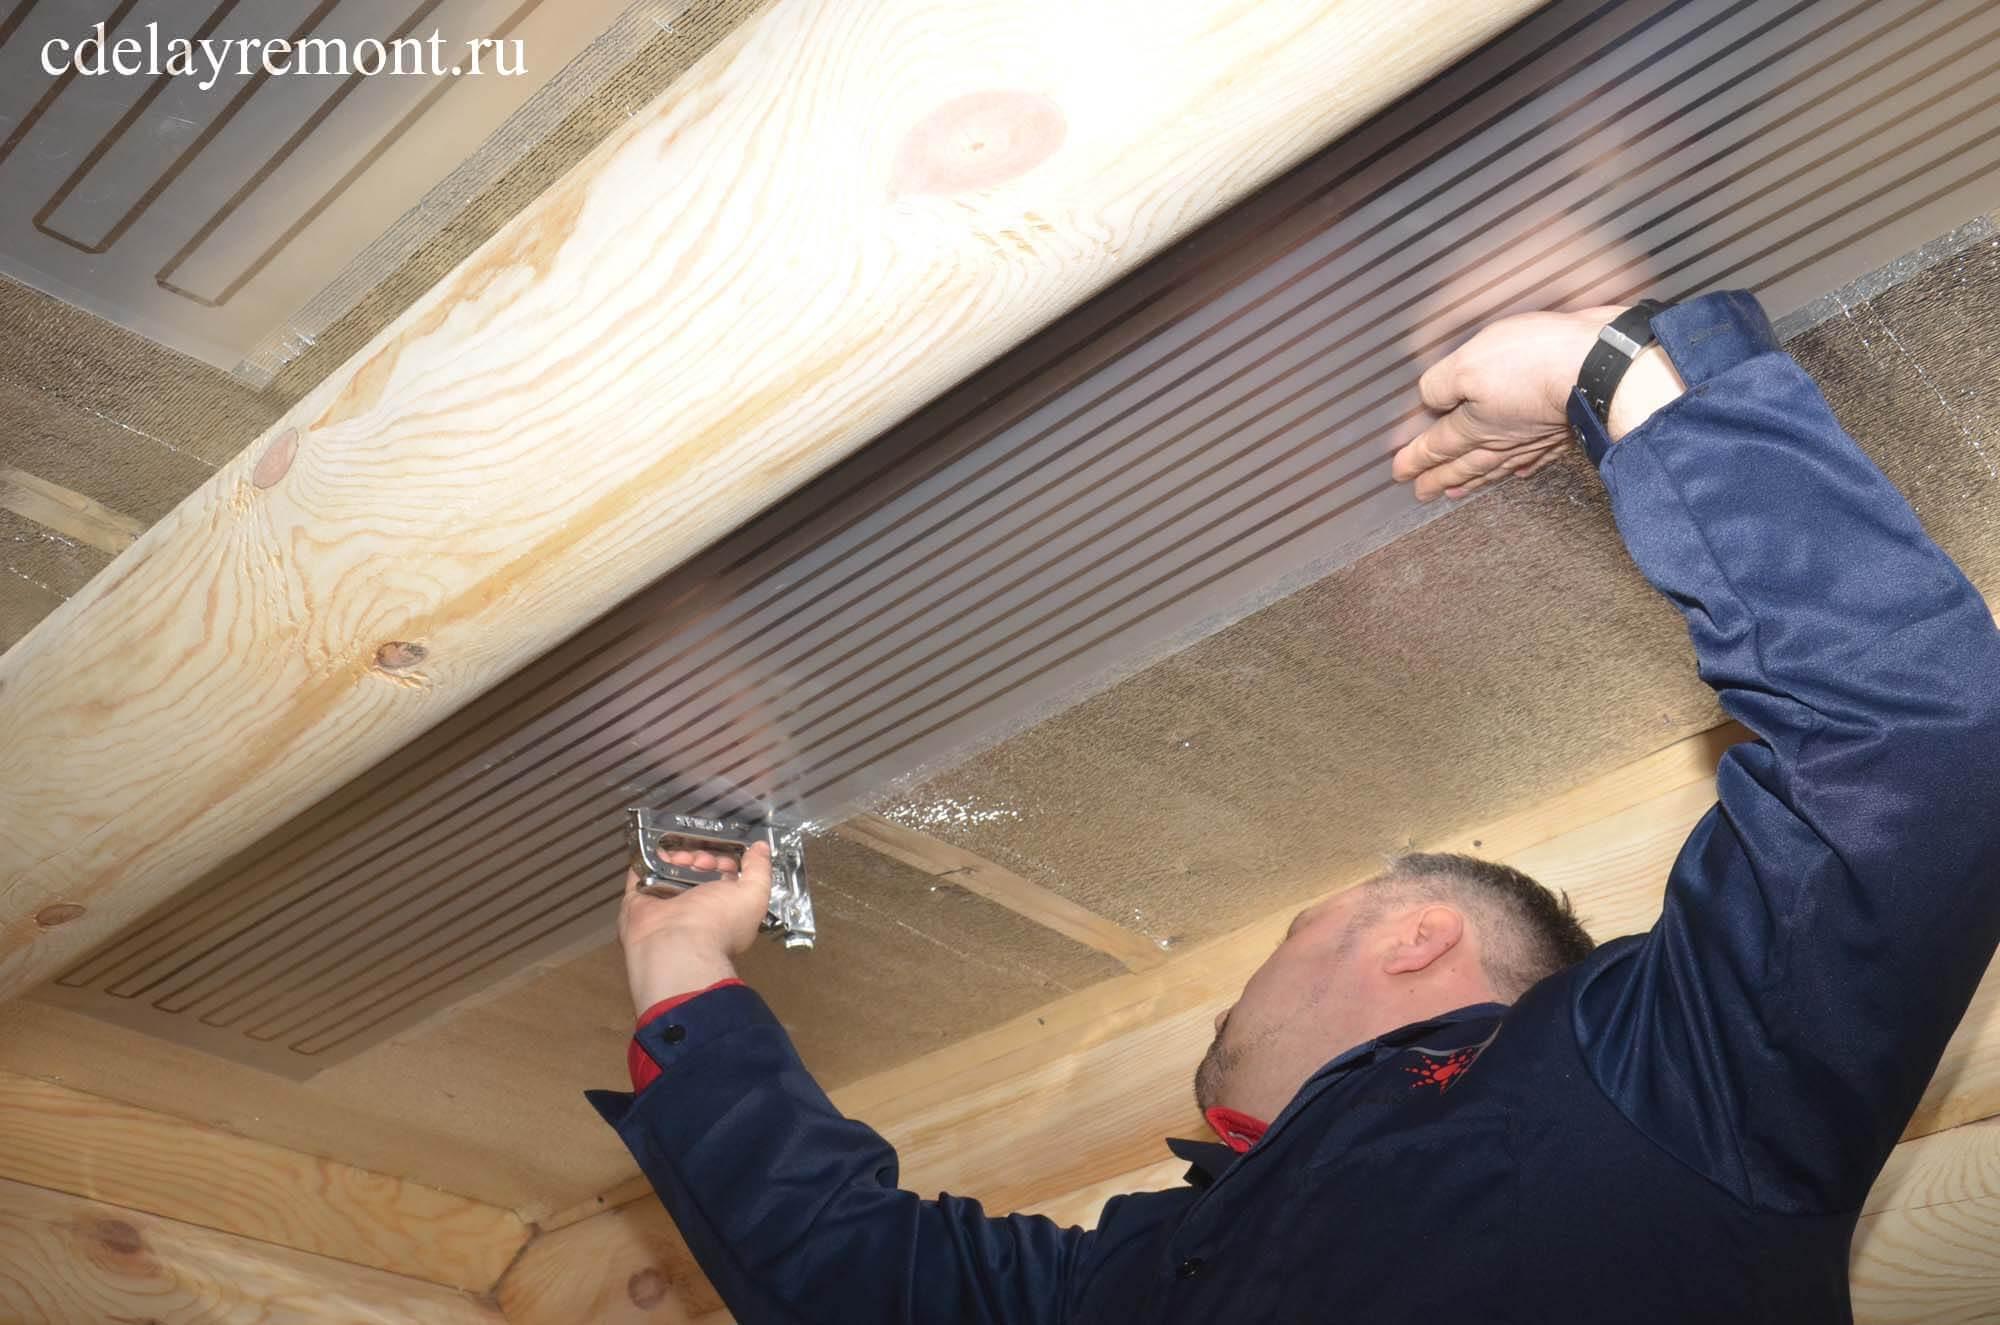 Крепление ПЛЭН к утеплителю на потолке с помощью степлера